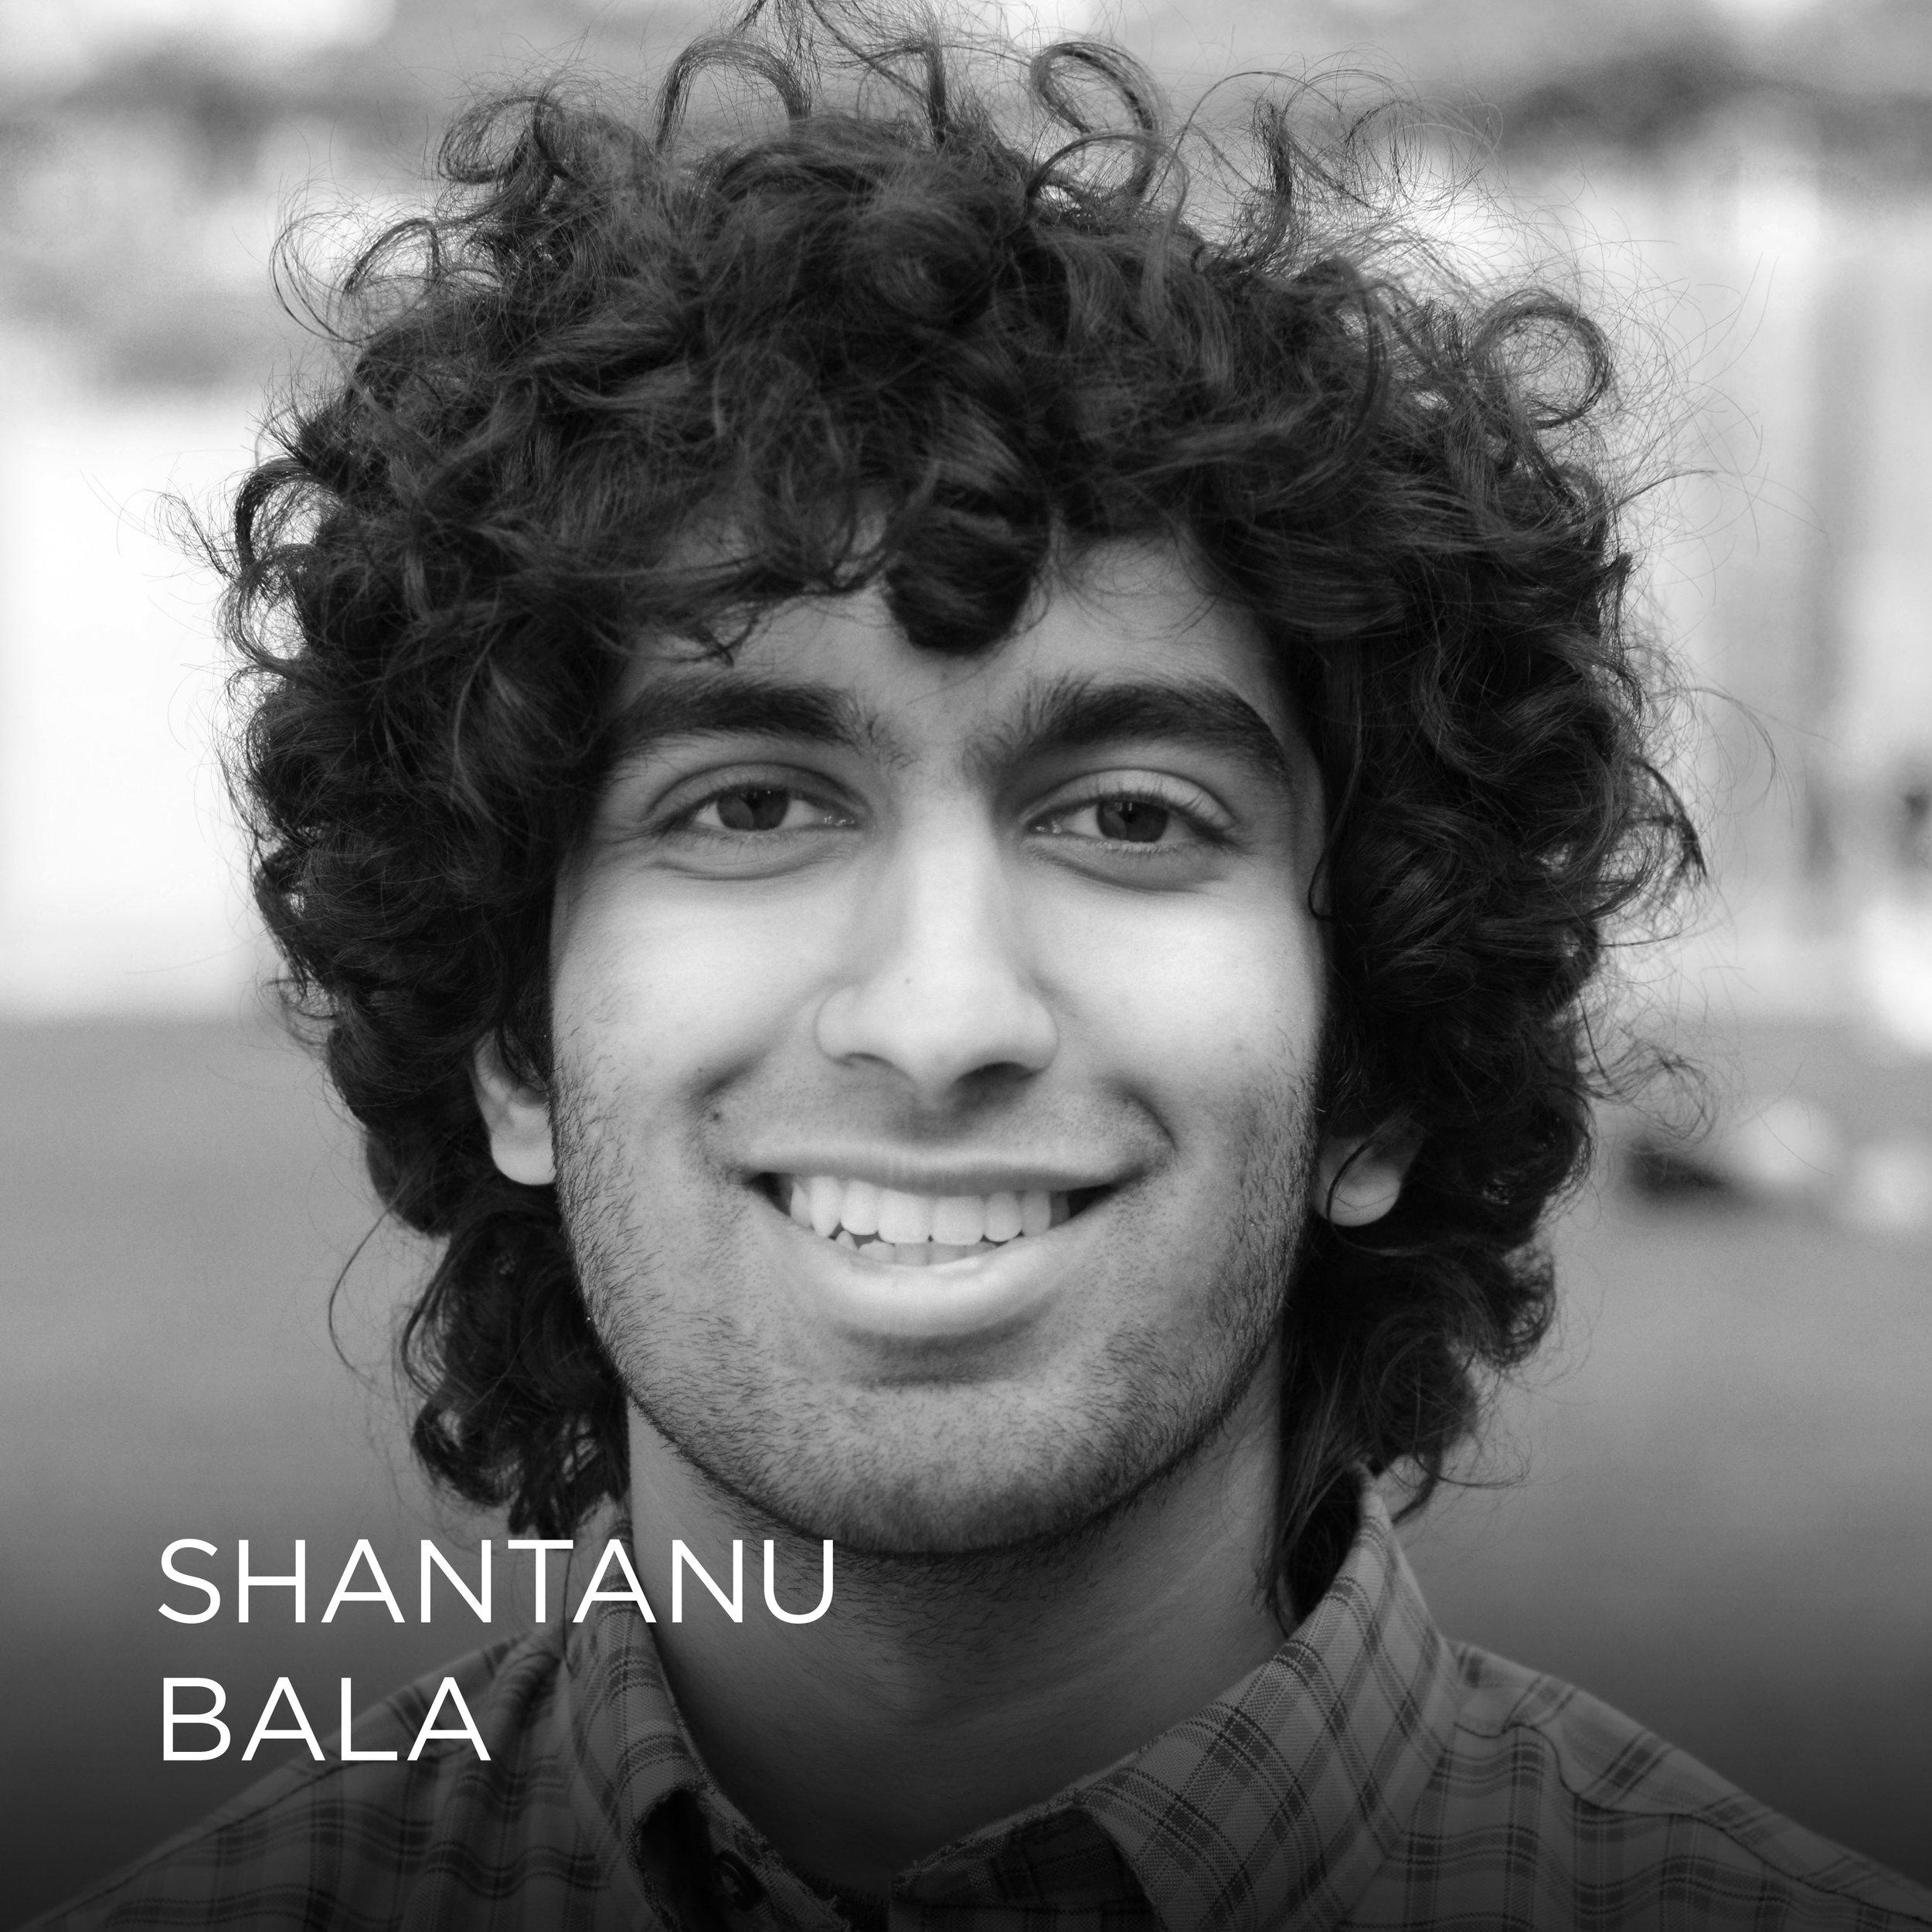 Shantanu_Bala_WEB.jpeg